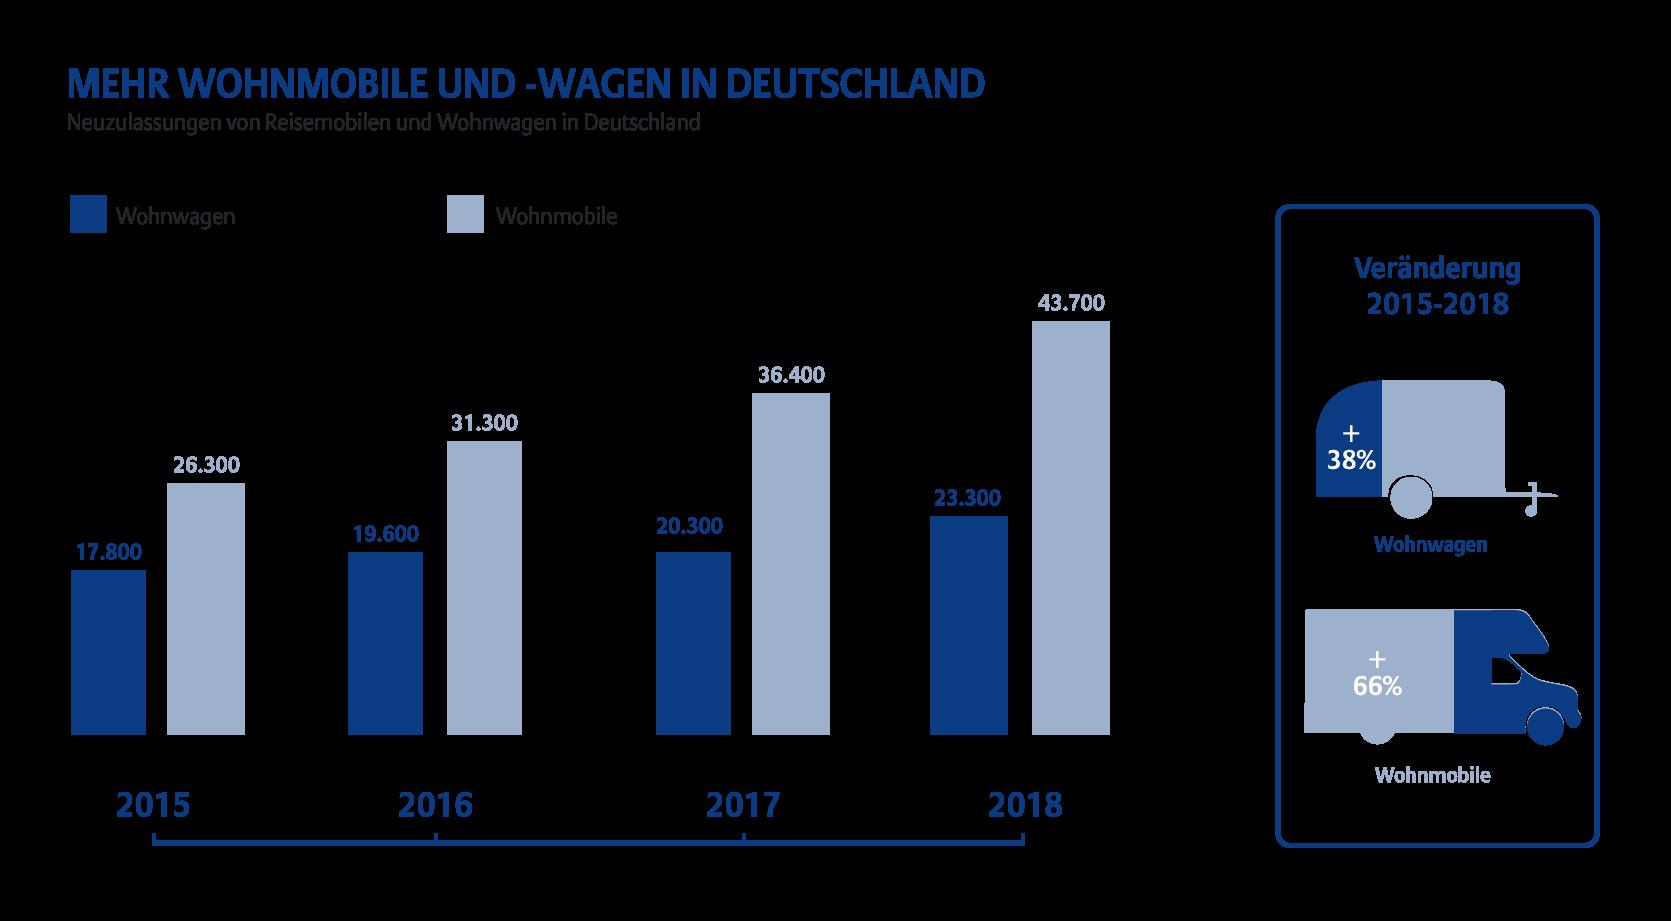 Die Zahl der registrierten Wohnmobile in Deutschland nehmen zu. Das bedeutet mehr Wohnmobilreisen.